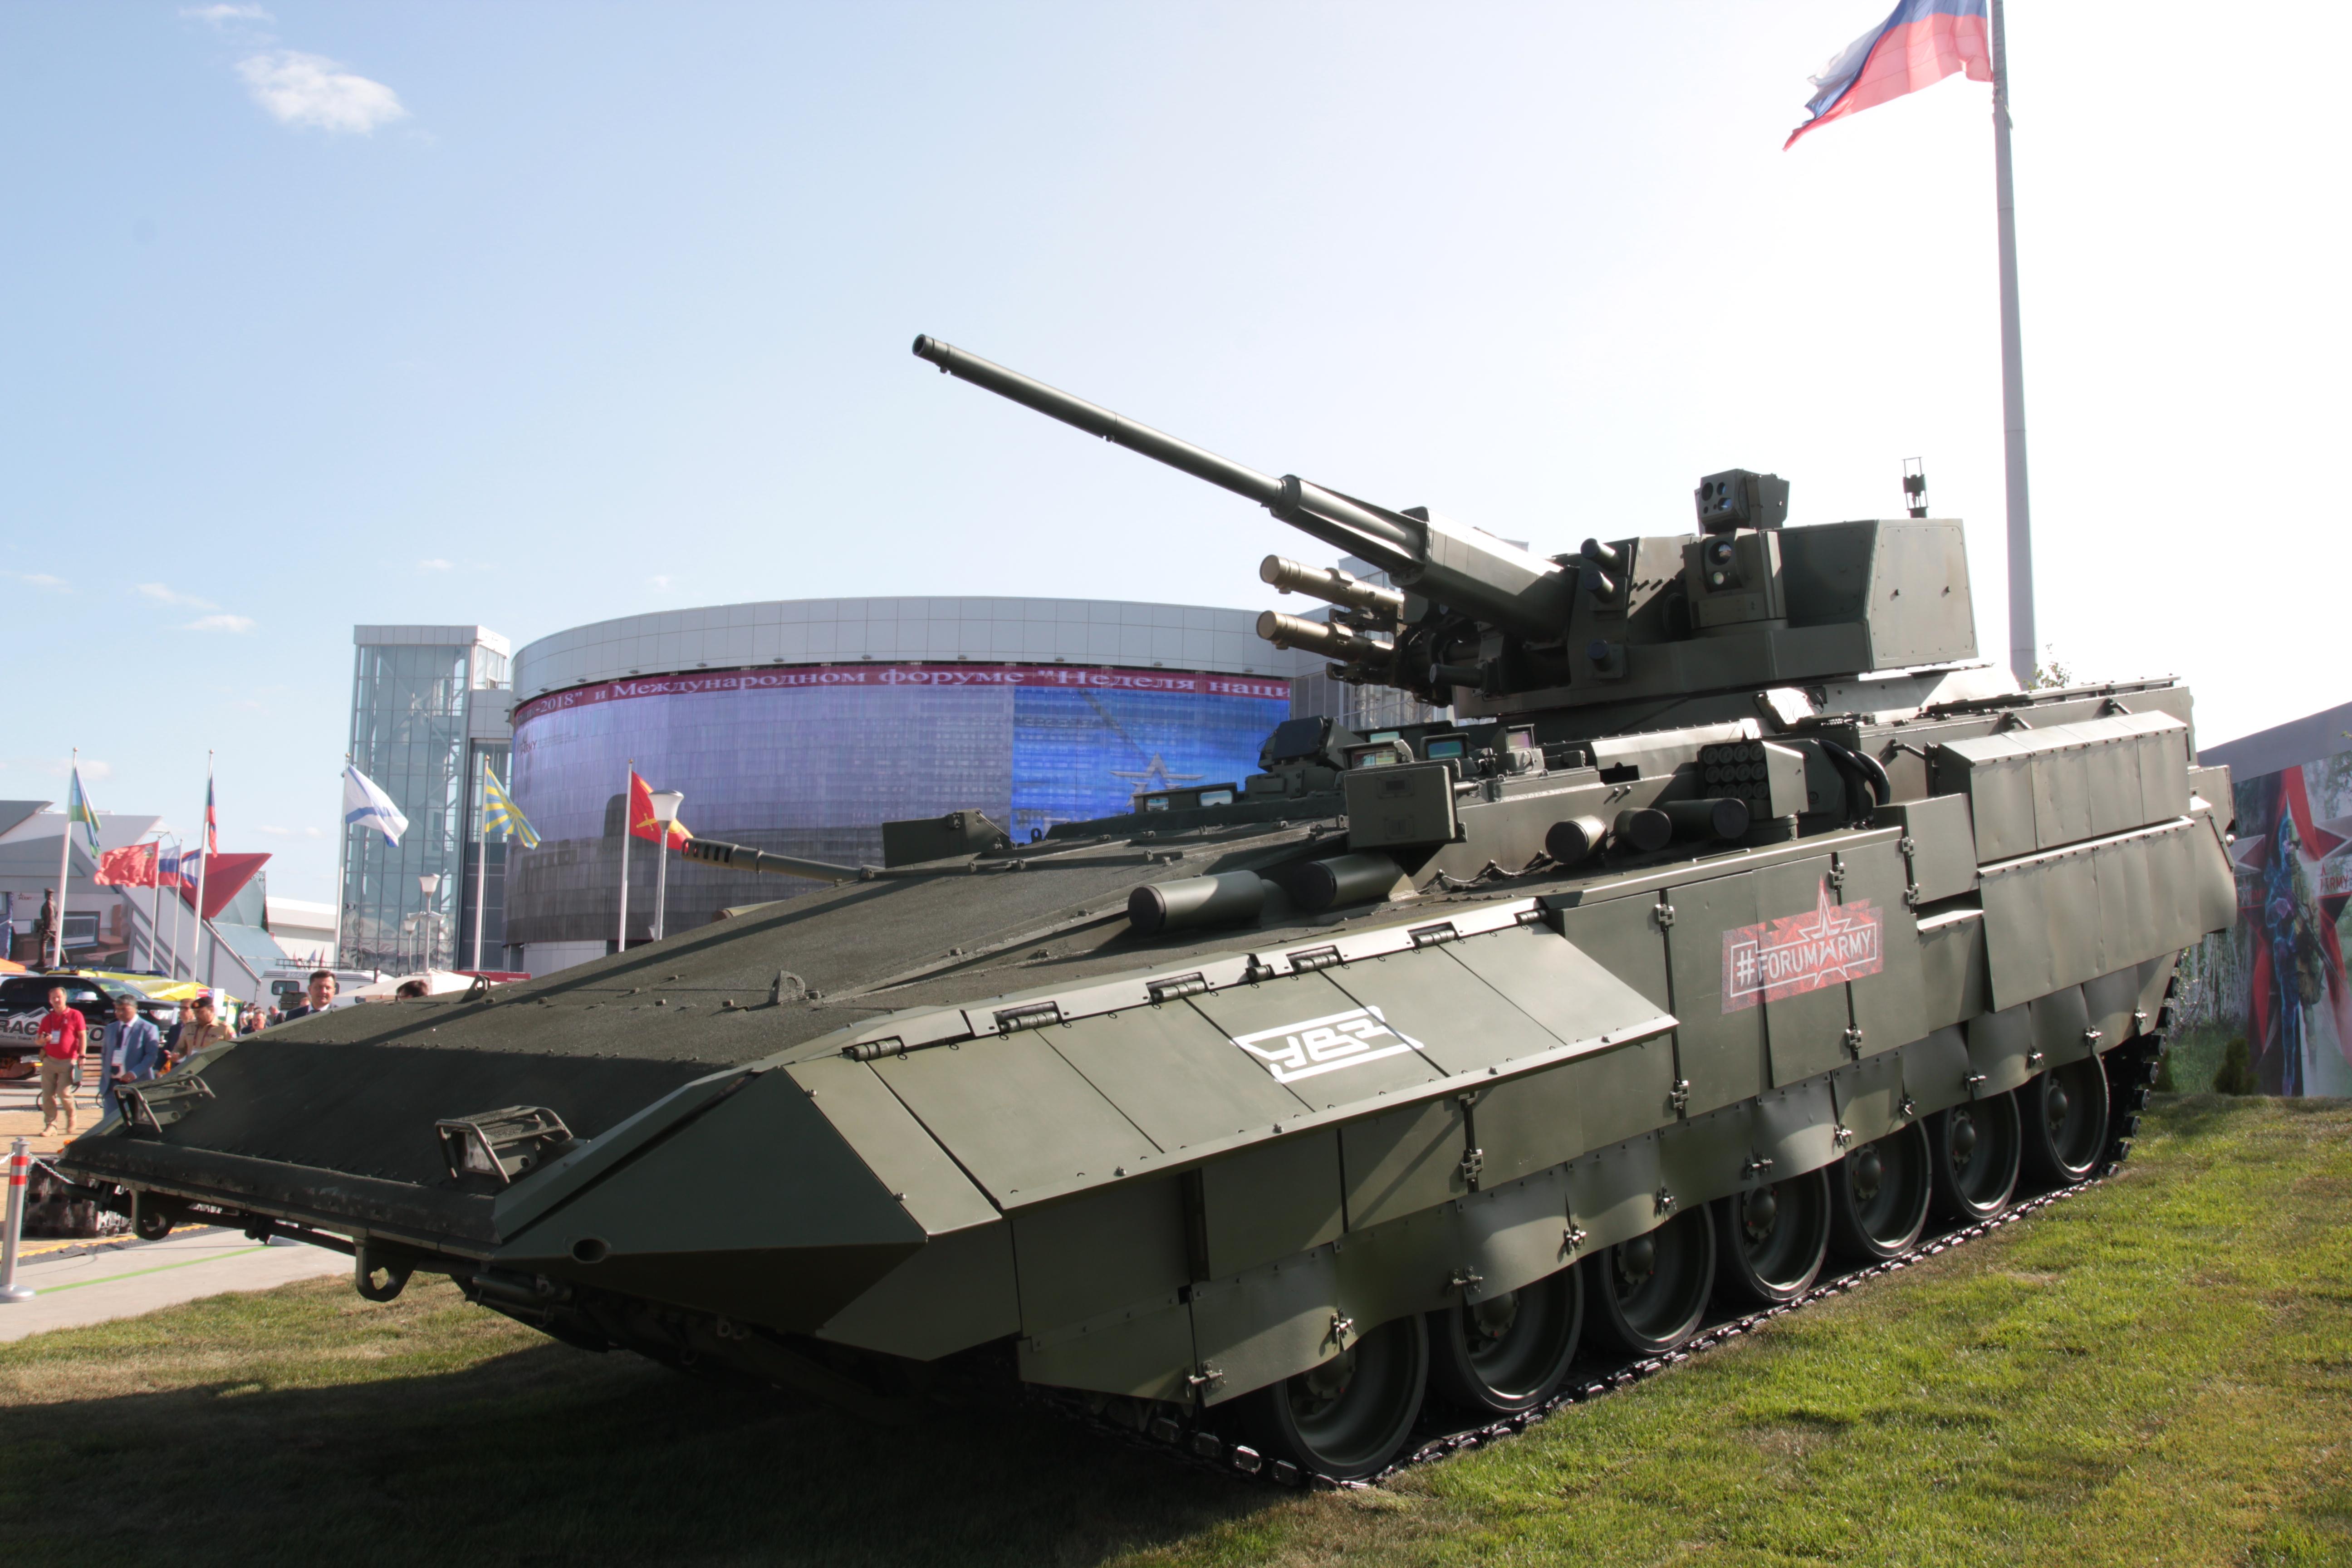 Army-2018-26.jpg